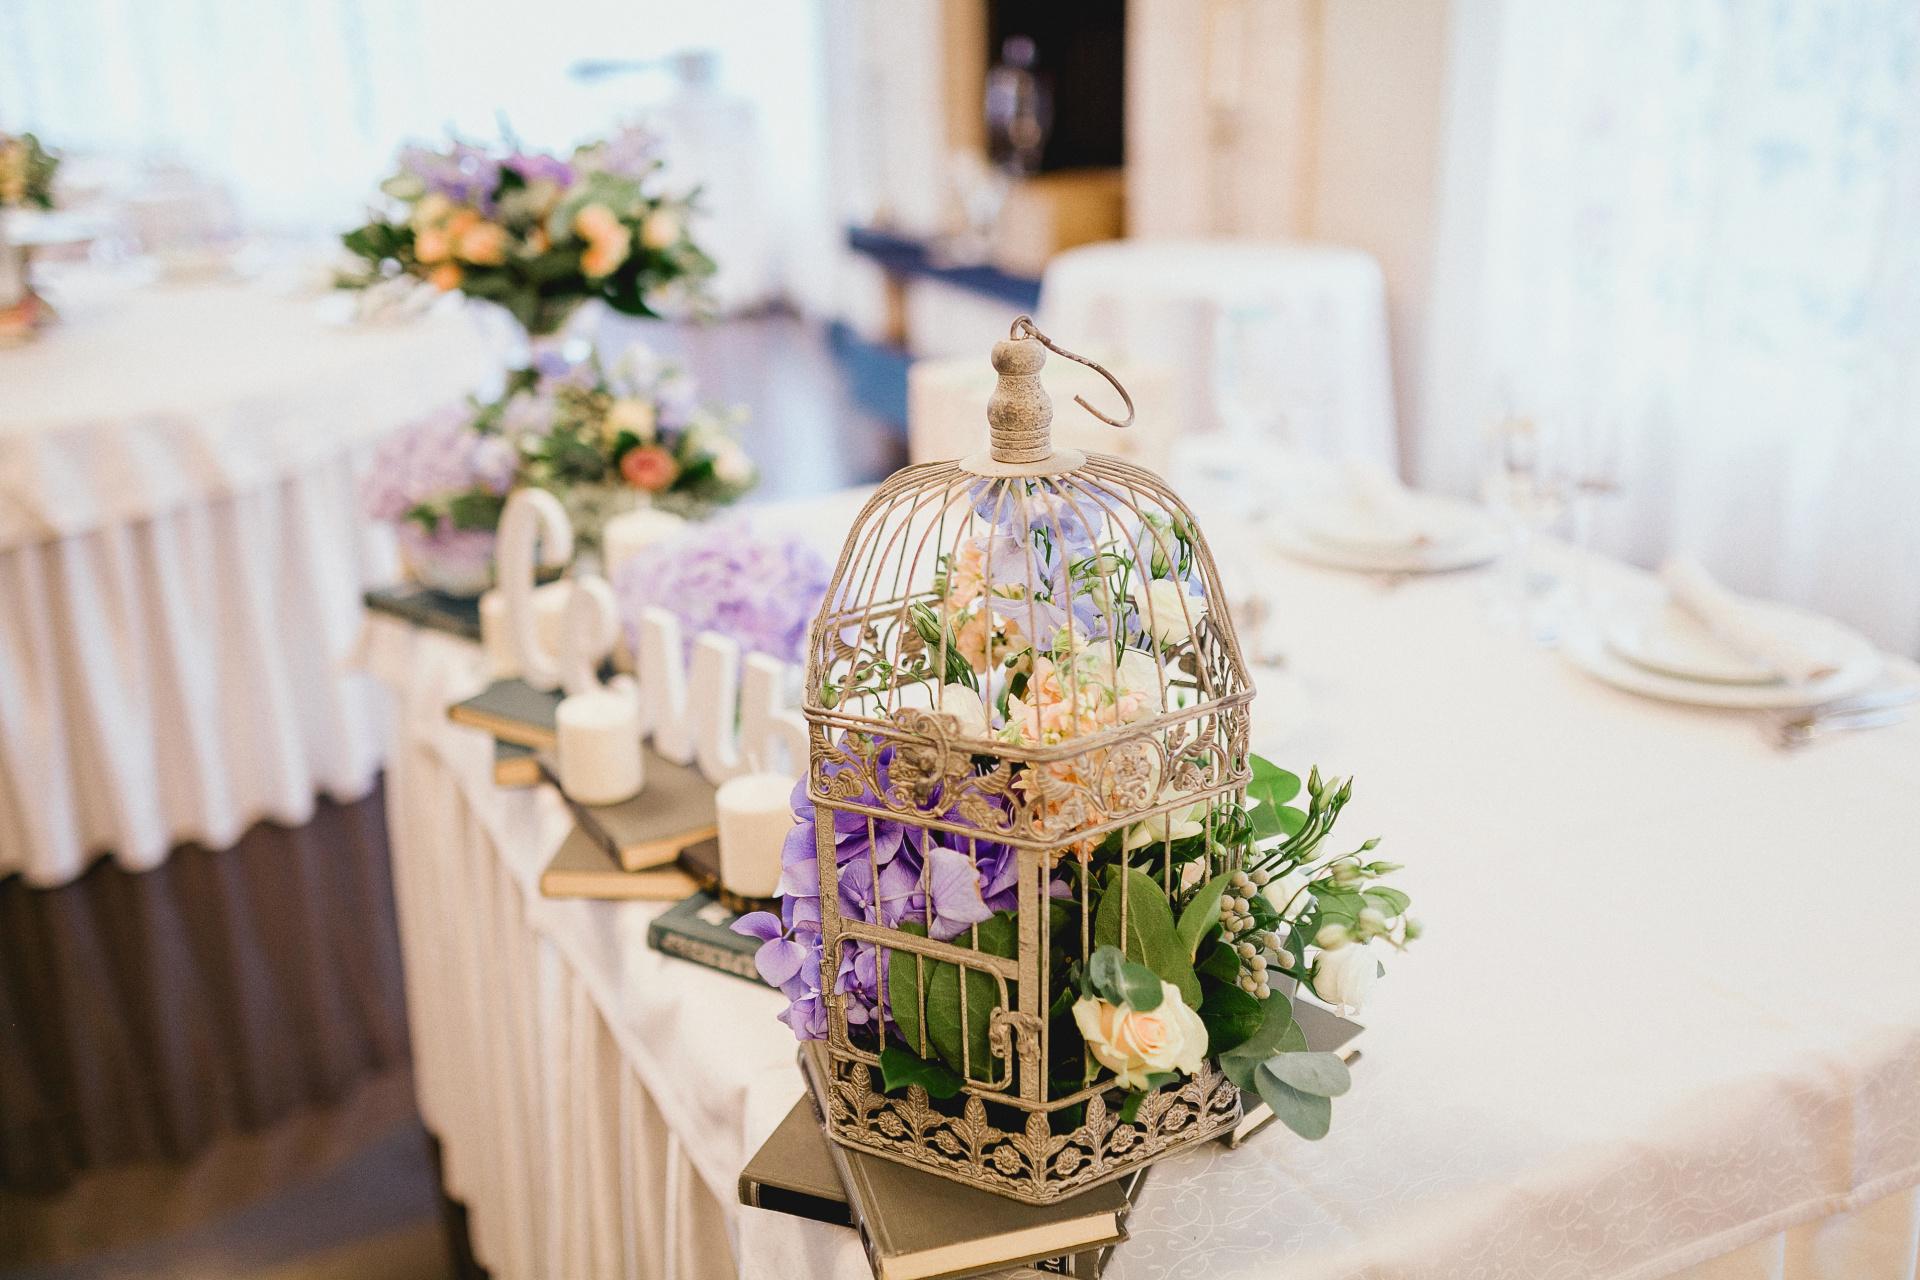 wedding centerpiece, rustic wedding centerpiece, birdcage wedding centerpiece, lavendar and white wedding, lavendar and white centerpiece